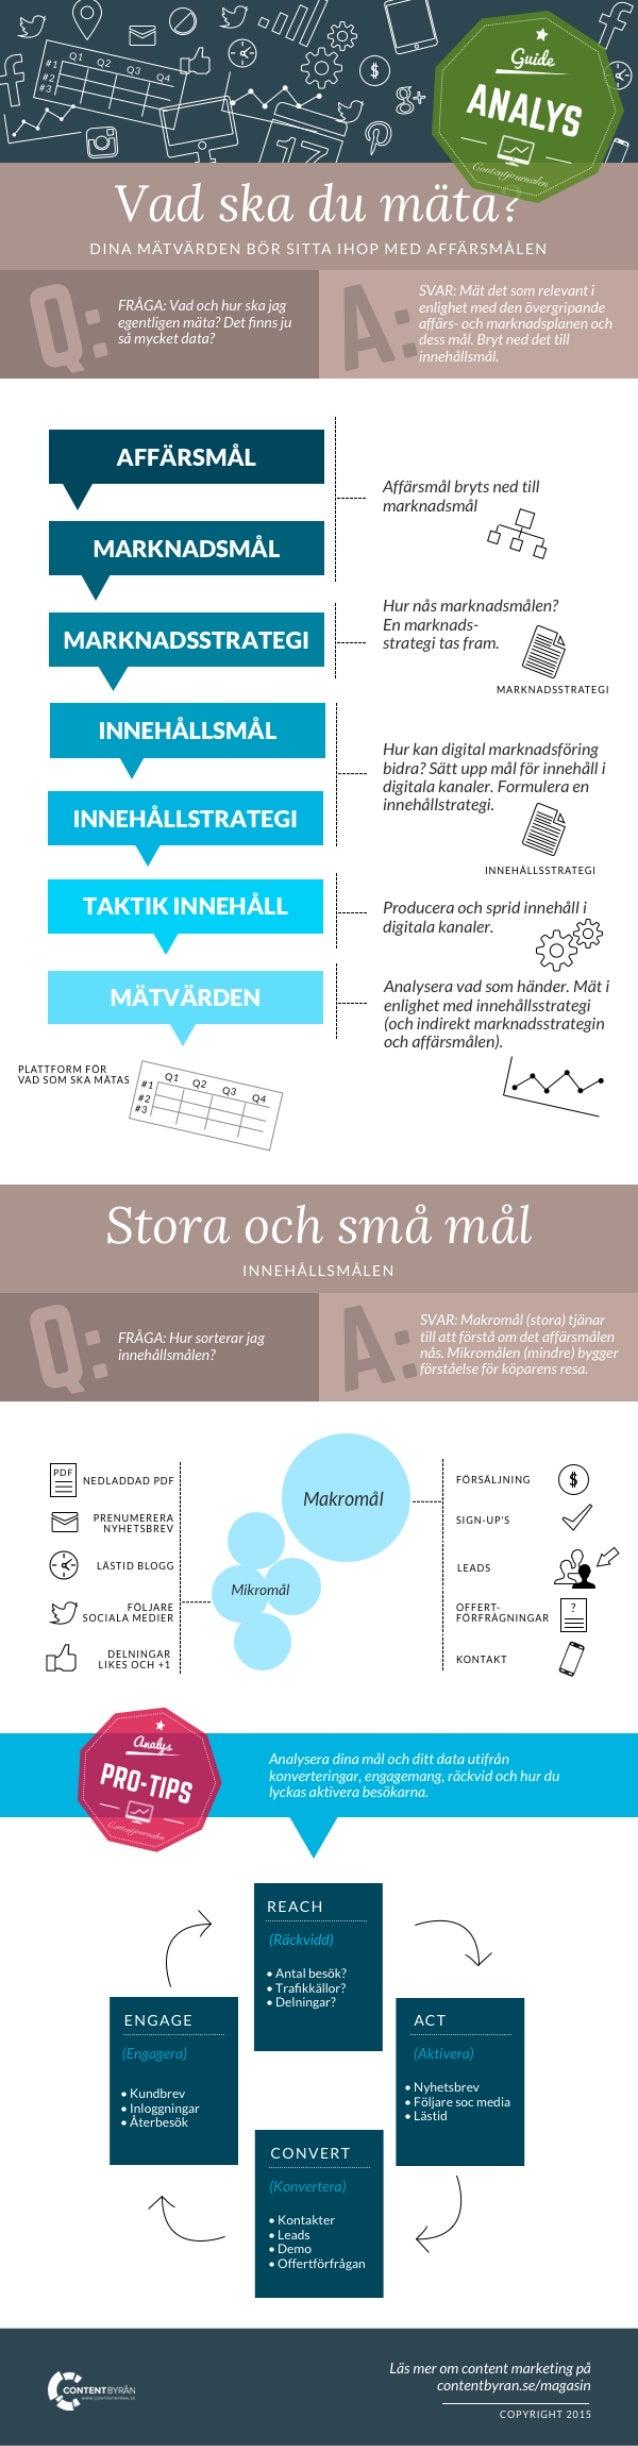 Infografik - Hur mäter man digital marknadsföring?